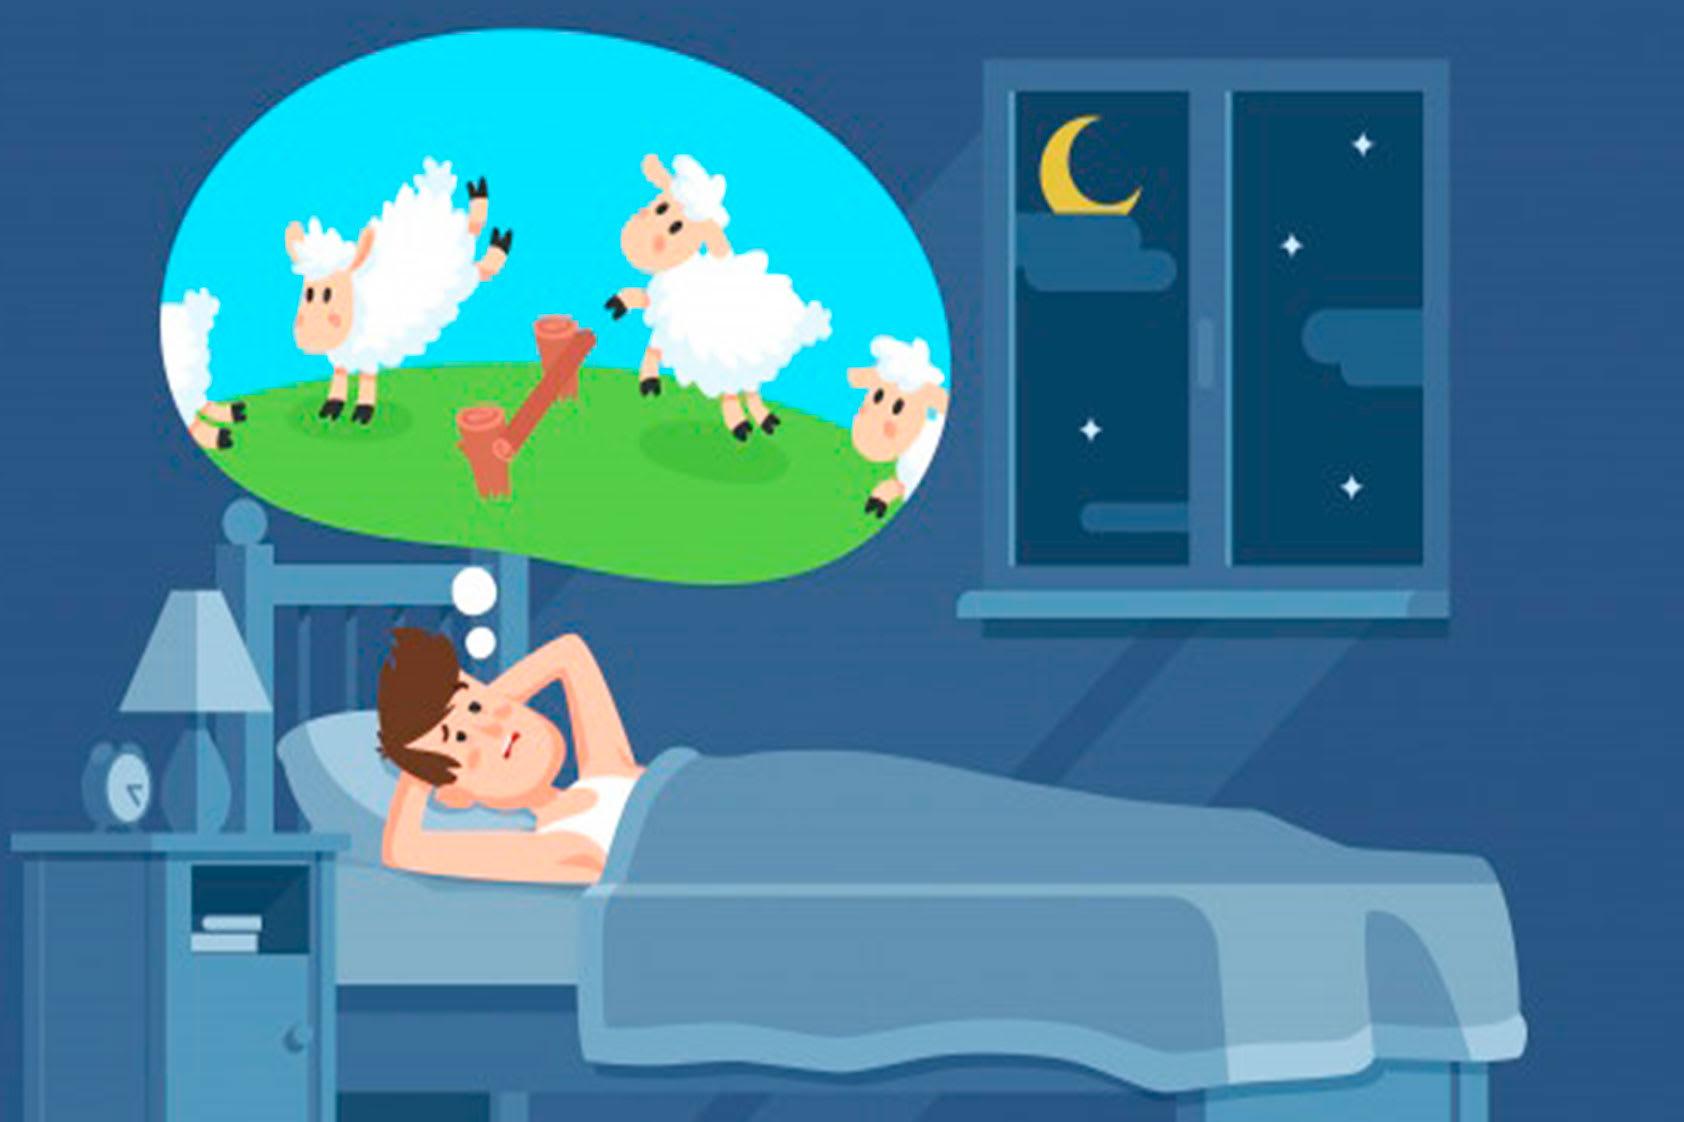 ¿Insomnio en cuarentena? ¡Estos consejos te pueden ayudar!